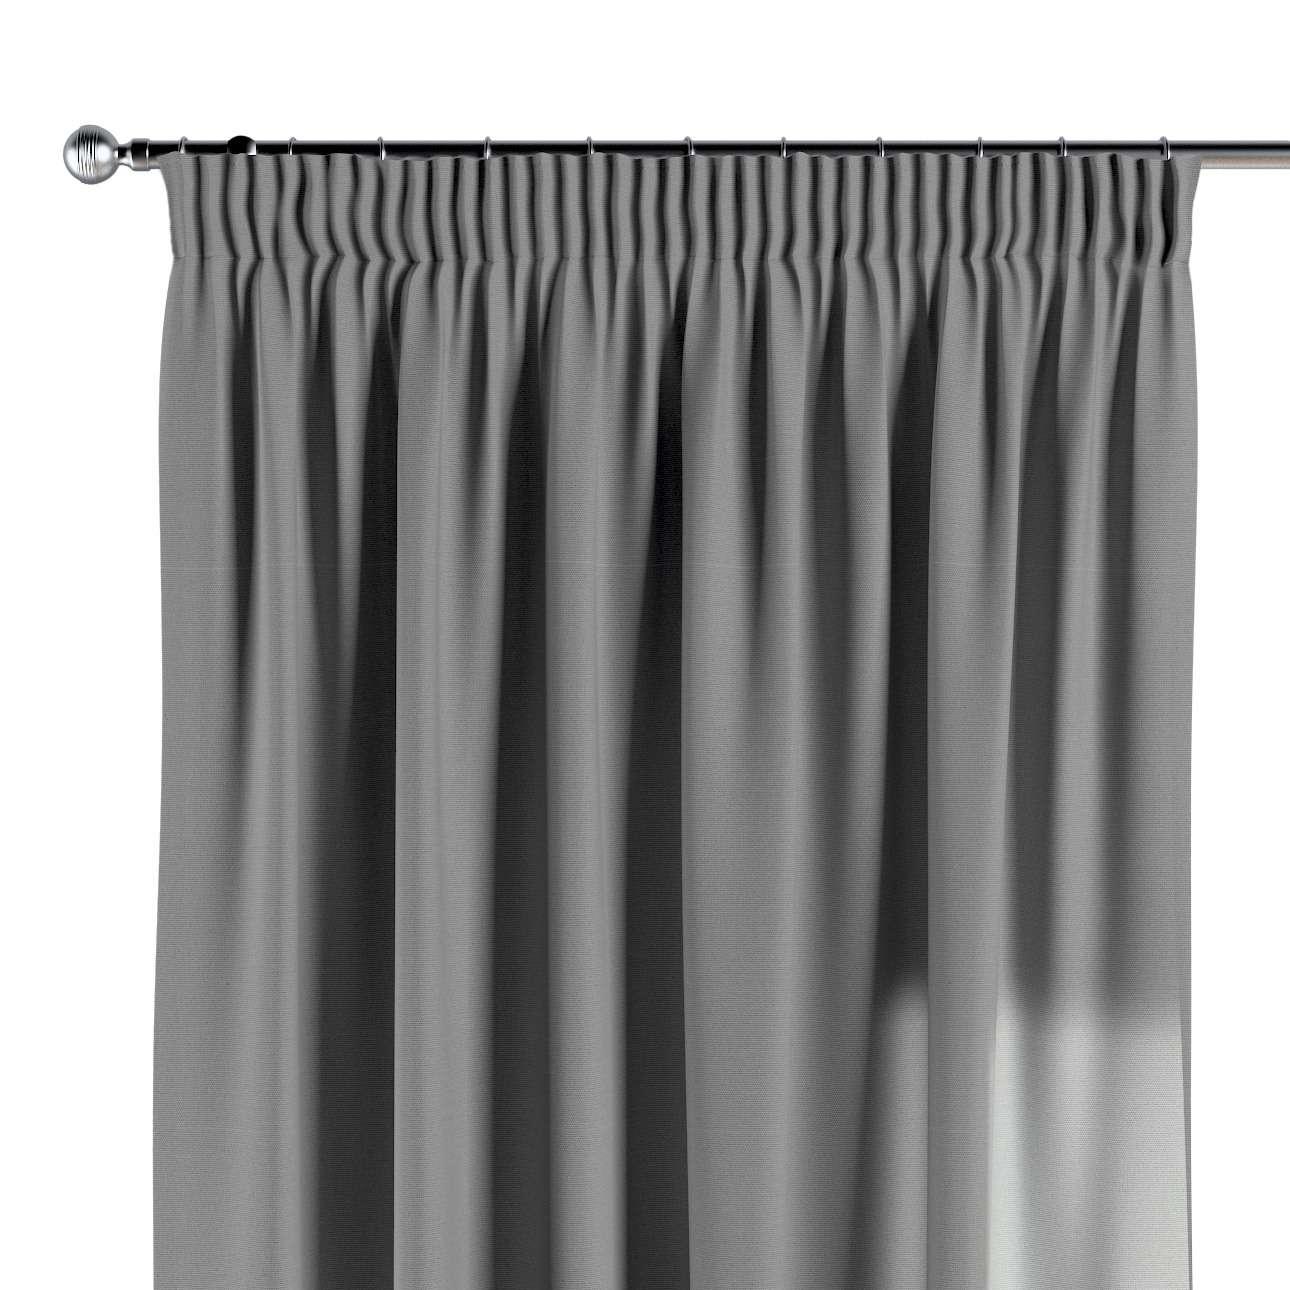 Záves na riasiacej páske 130 × 260 cm V kolekcii Loneta, tkanina: 133-24